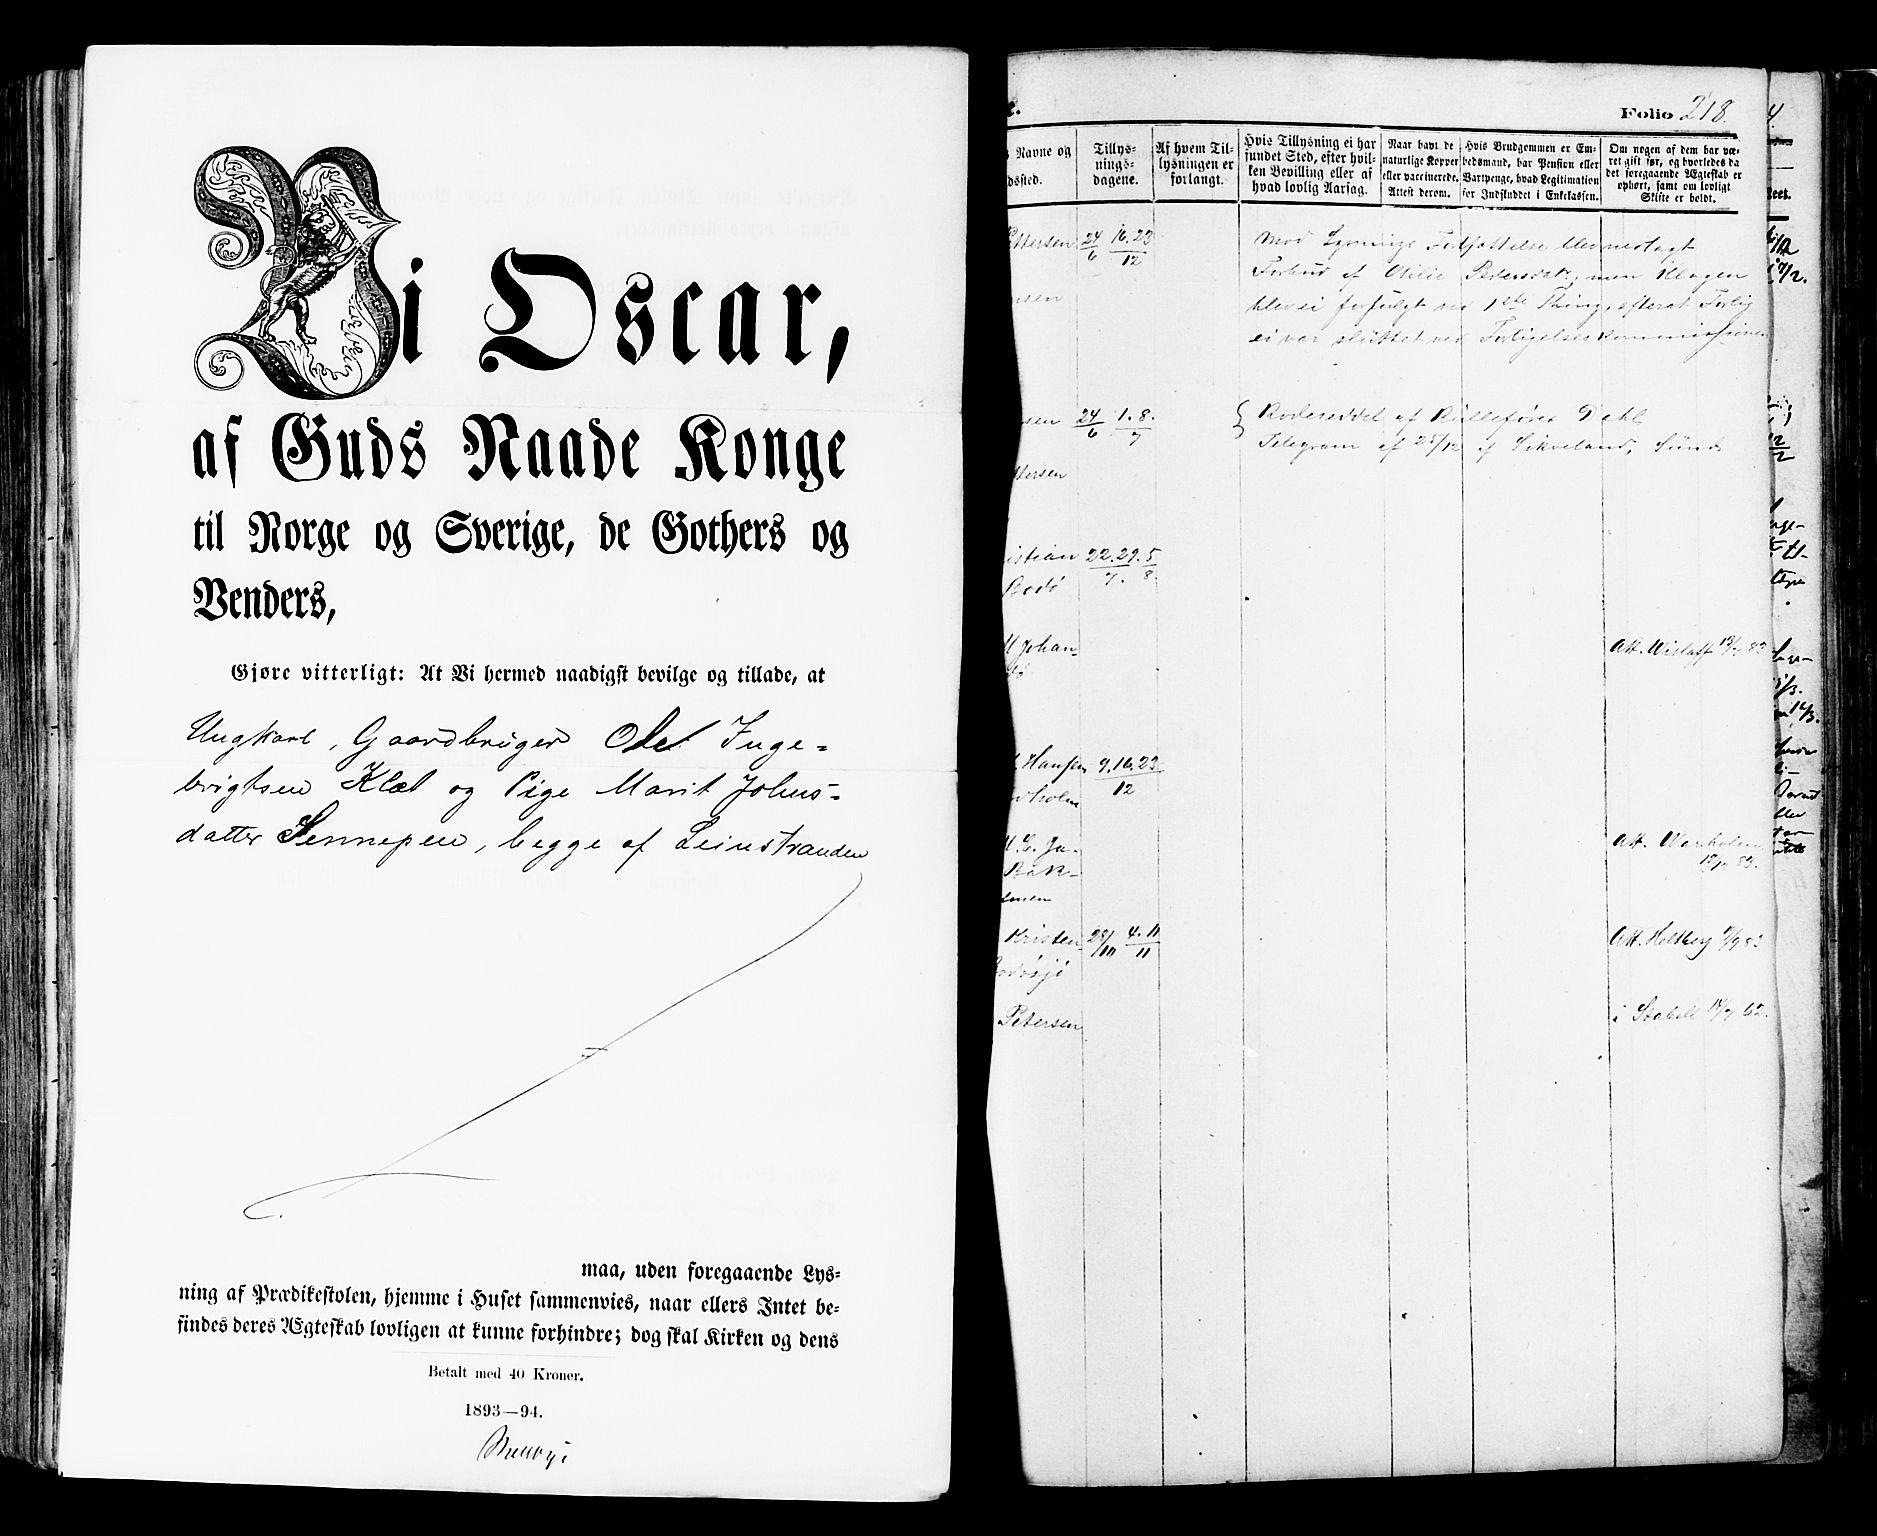 SAT, Ministerialprotokoller, klokkerbøker og fødselsregistre - Nordland, 801/L0009: Parish register (official) no. 801A09, 1876-1883, p. 218